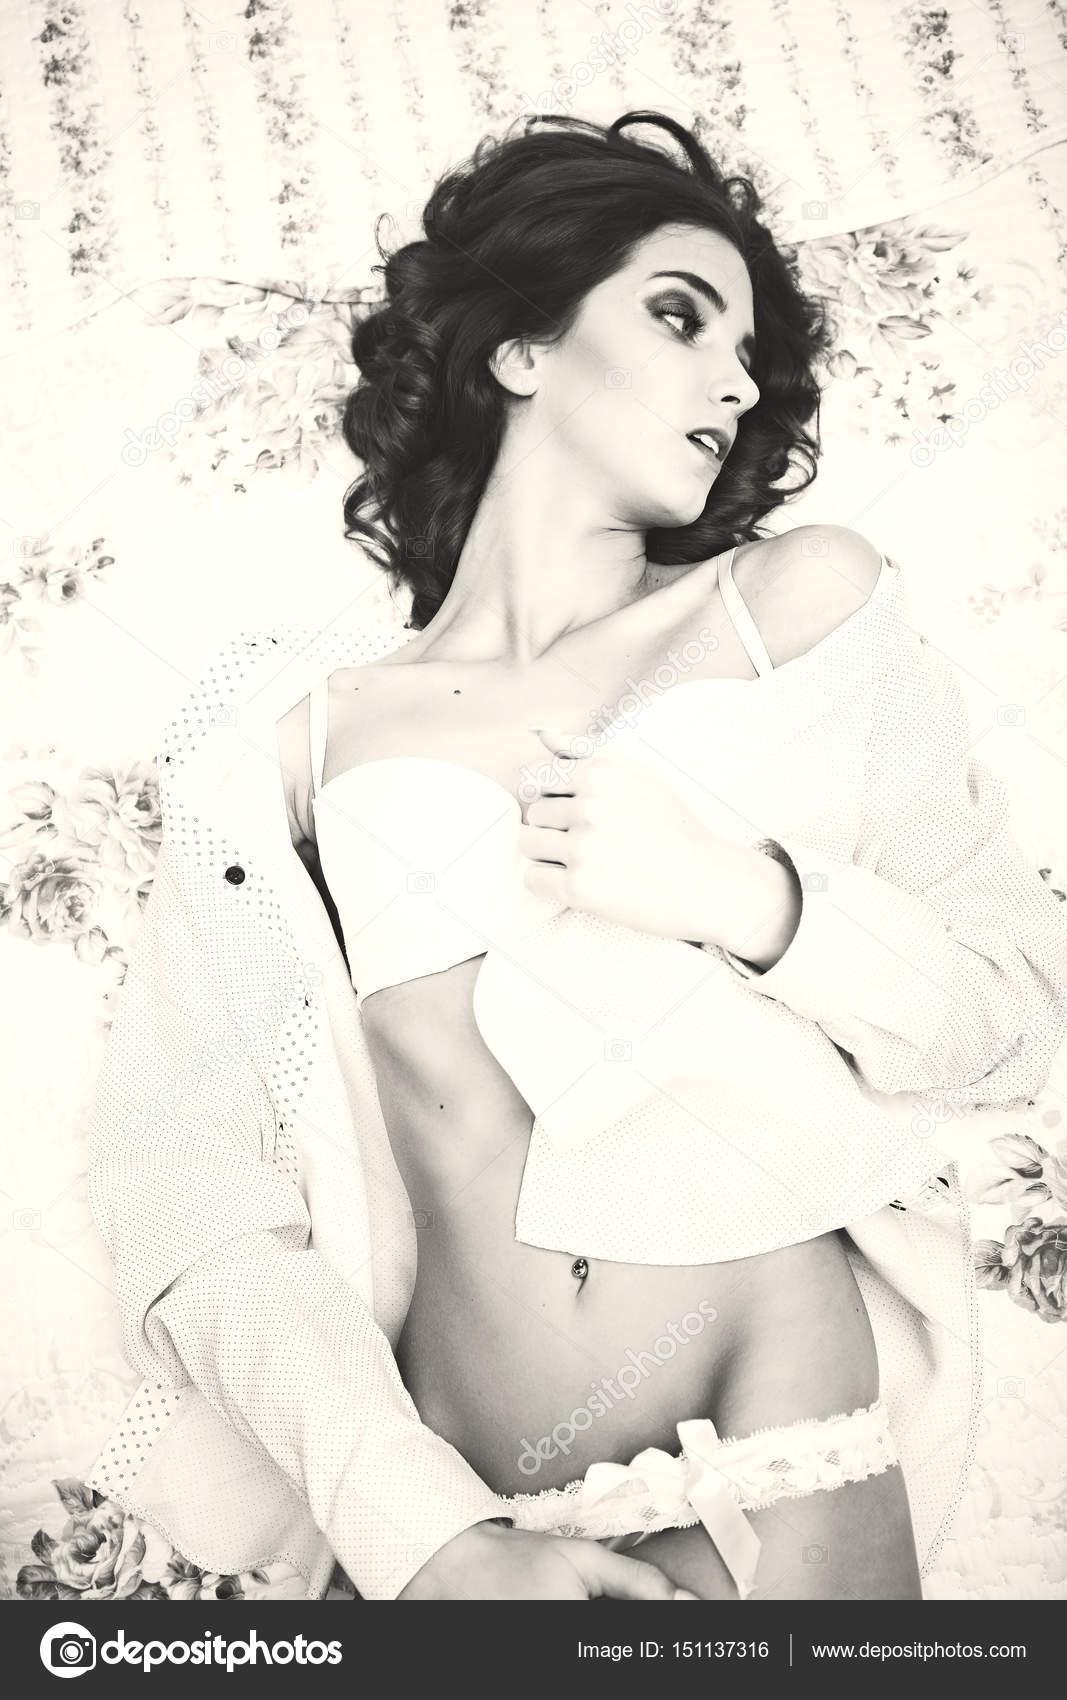 καυτά κορίτσι γυμνή εικόνα νέος μαλλιαρό Έφηβος/η κανάλι